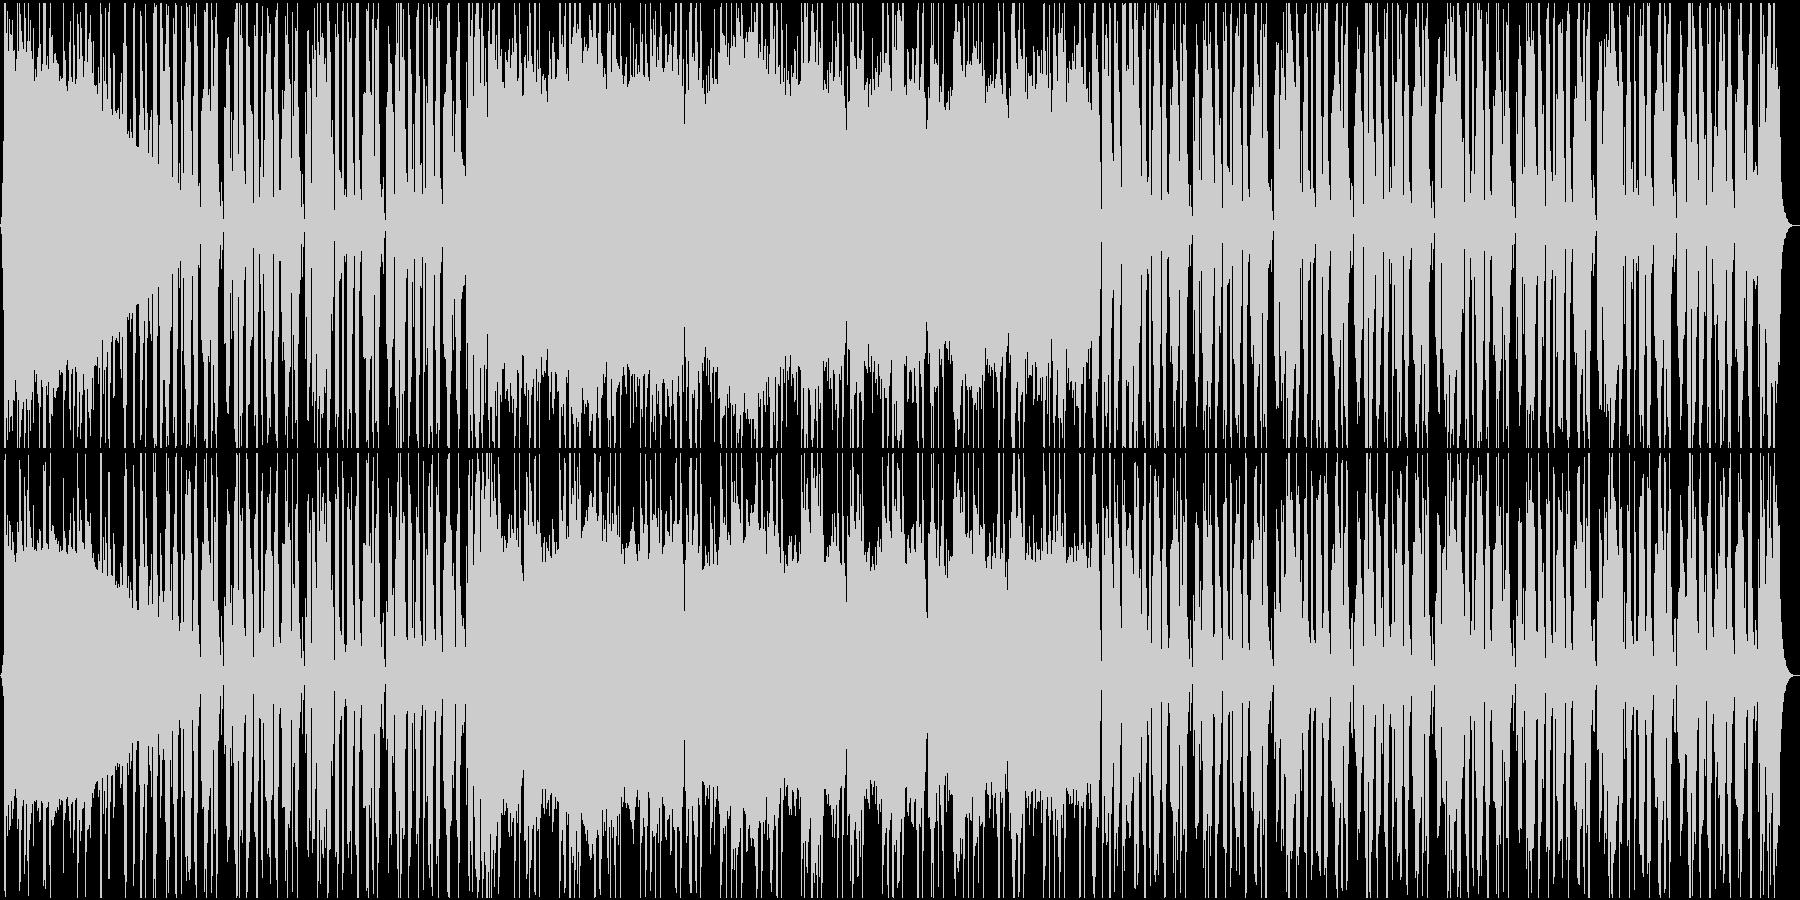 軽快で歪みの少ないバンドサウンドの未再生の波形